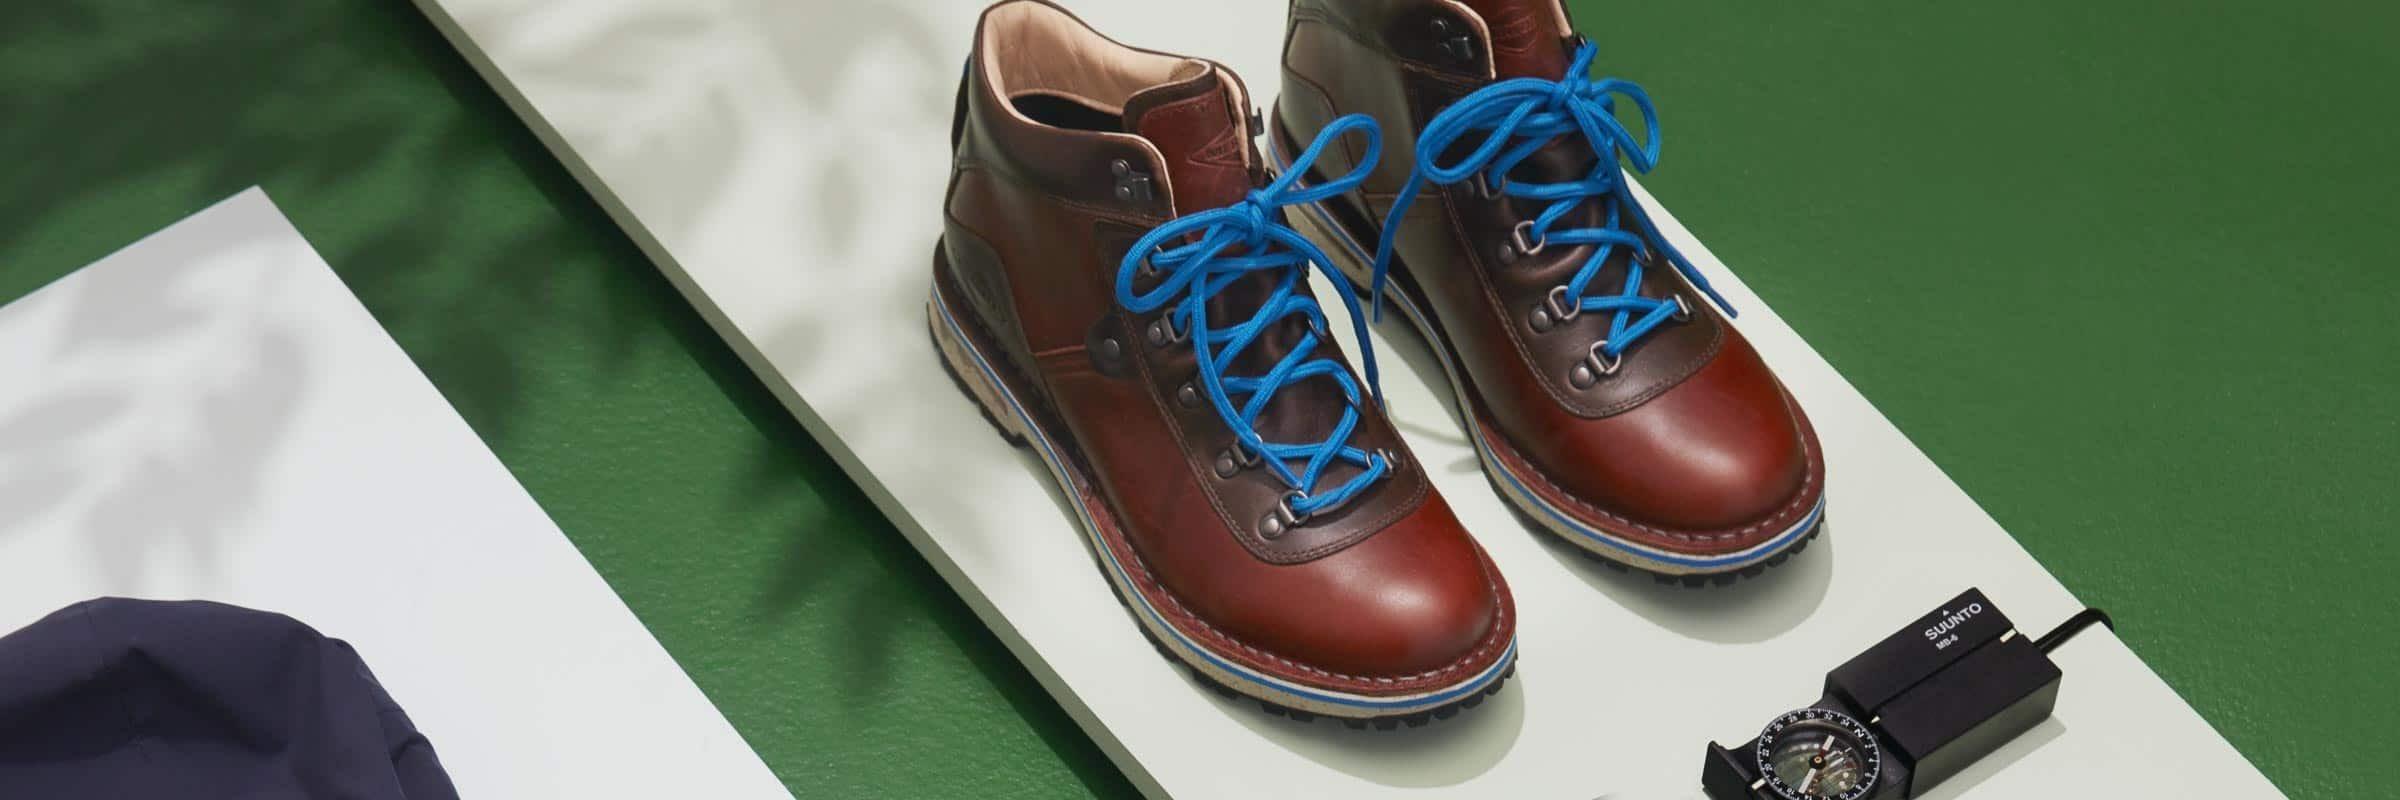 Randonnée pédestre: bottes VS souliers